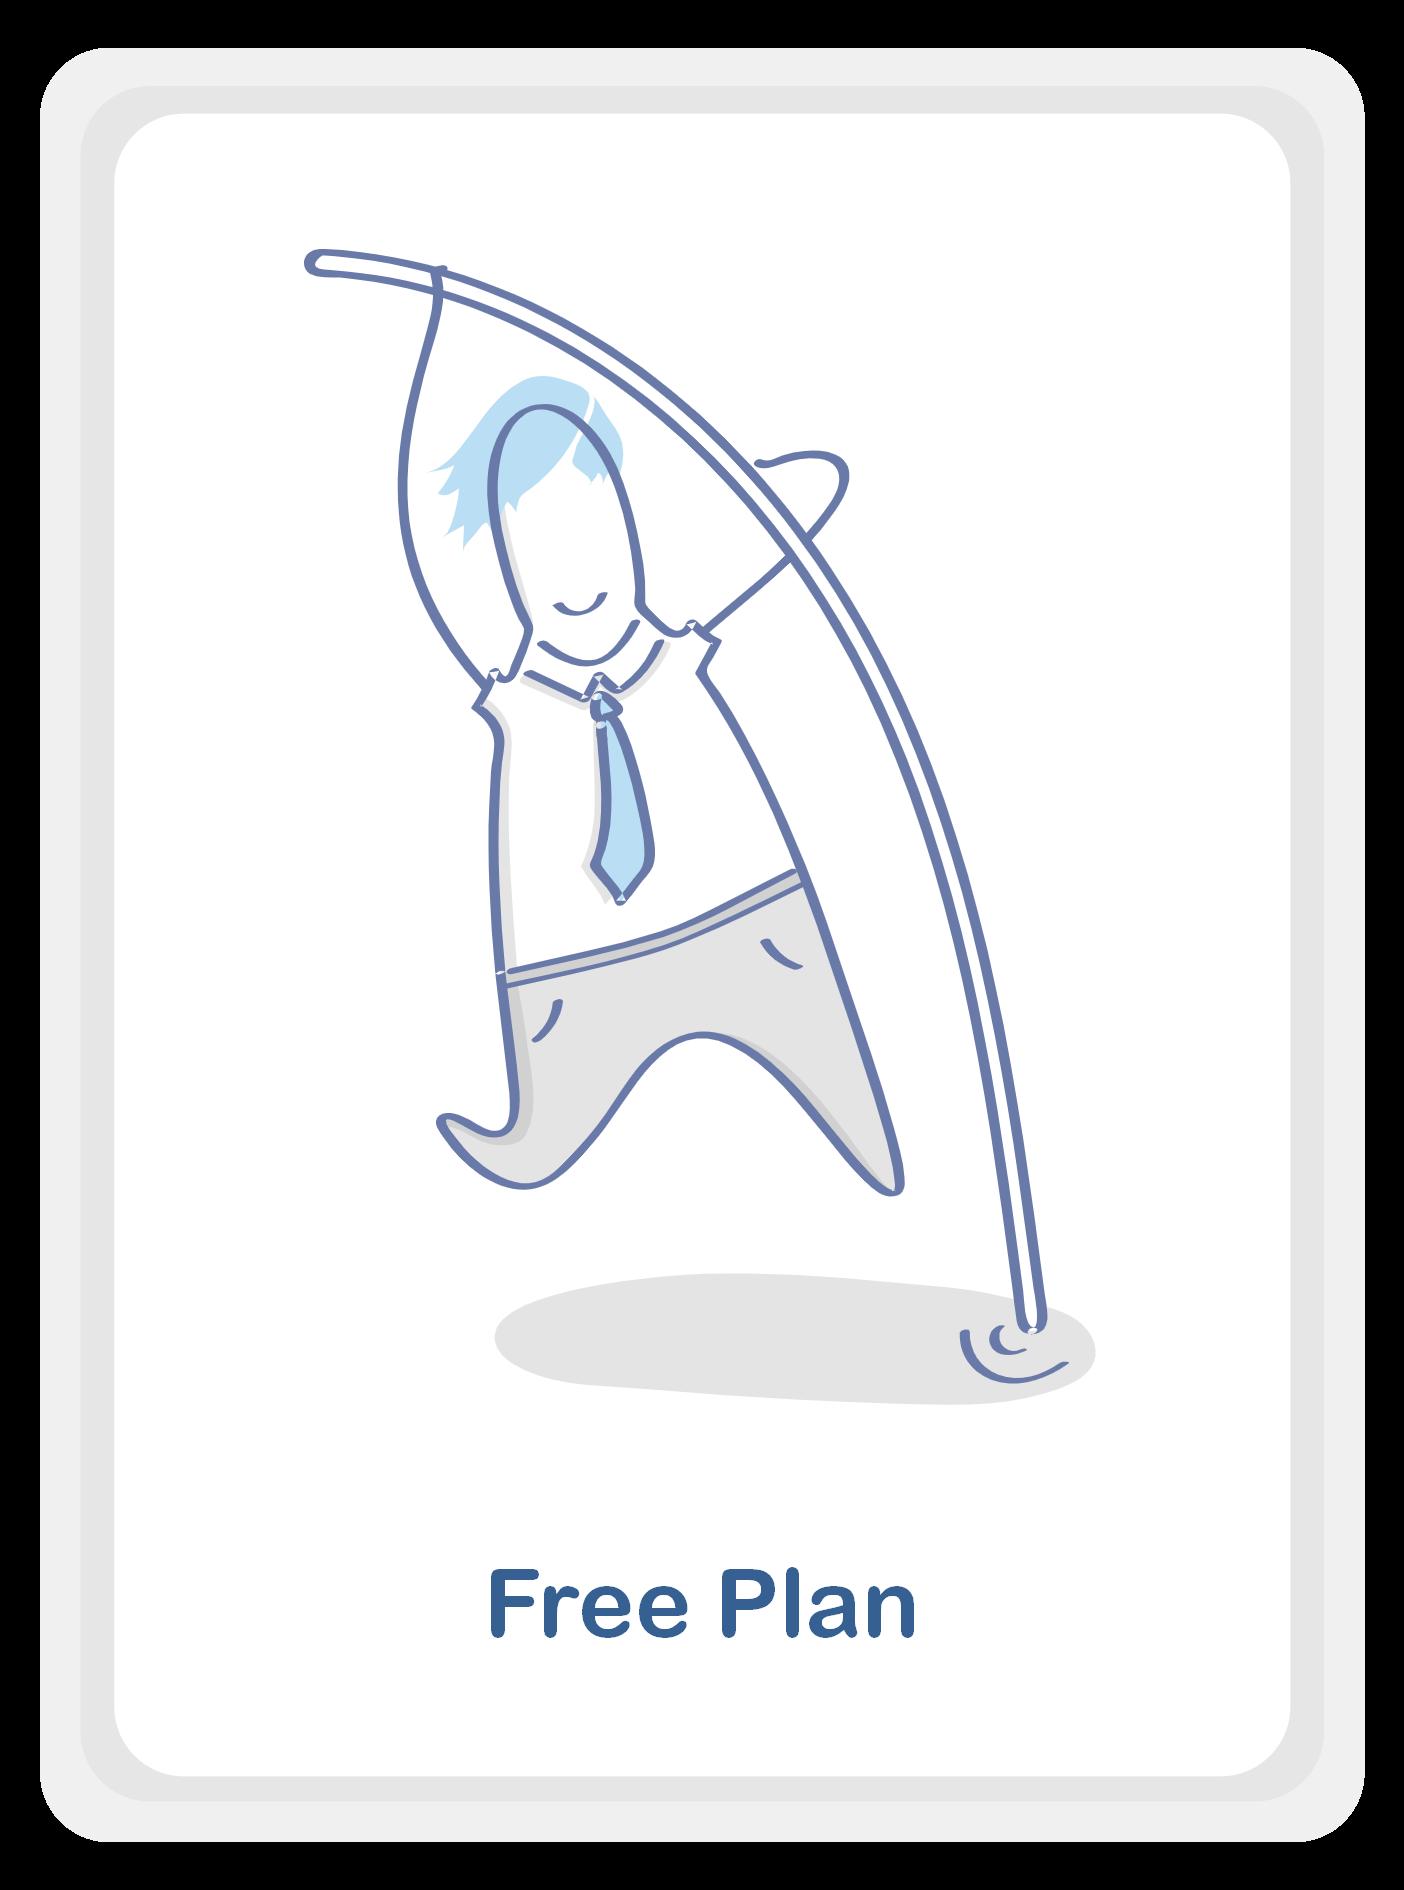 free-plan